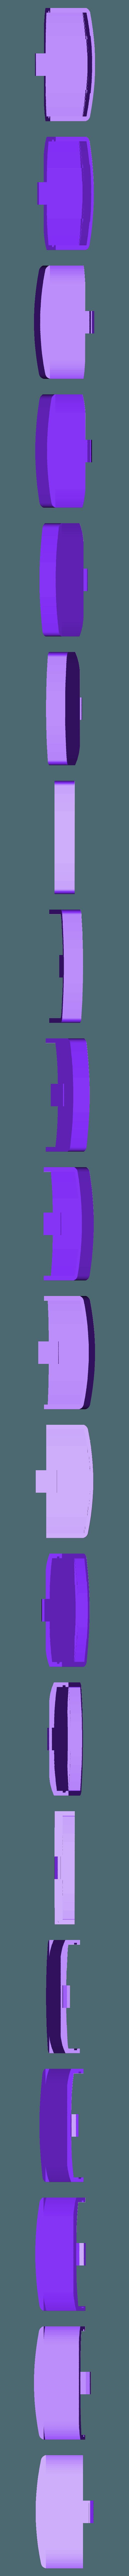 """HormannBattCover.stl Télécharger fichier STL gratuit Couvercle de la batterie de la télécommande Hormann (version """"meh"""") • Plan pour impression 3D, Milan_Gajic"""